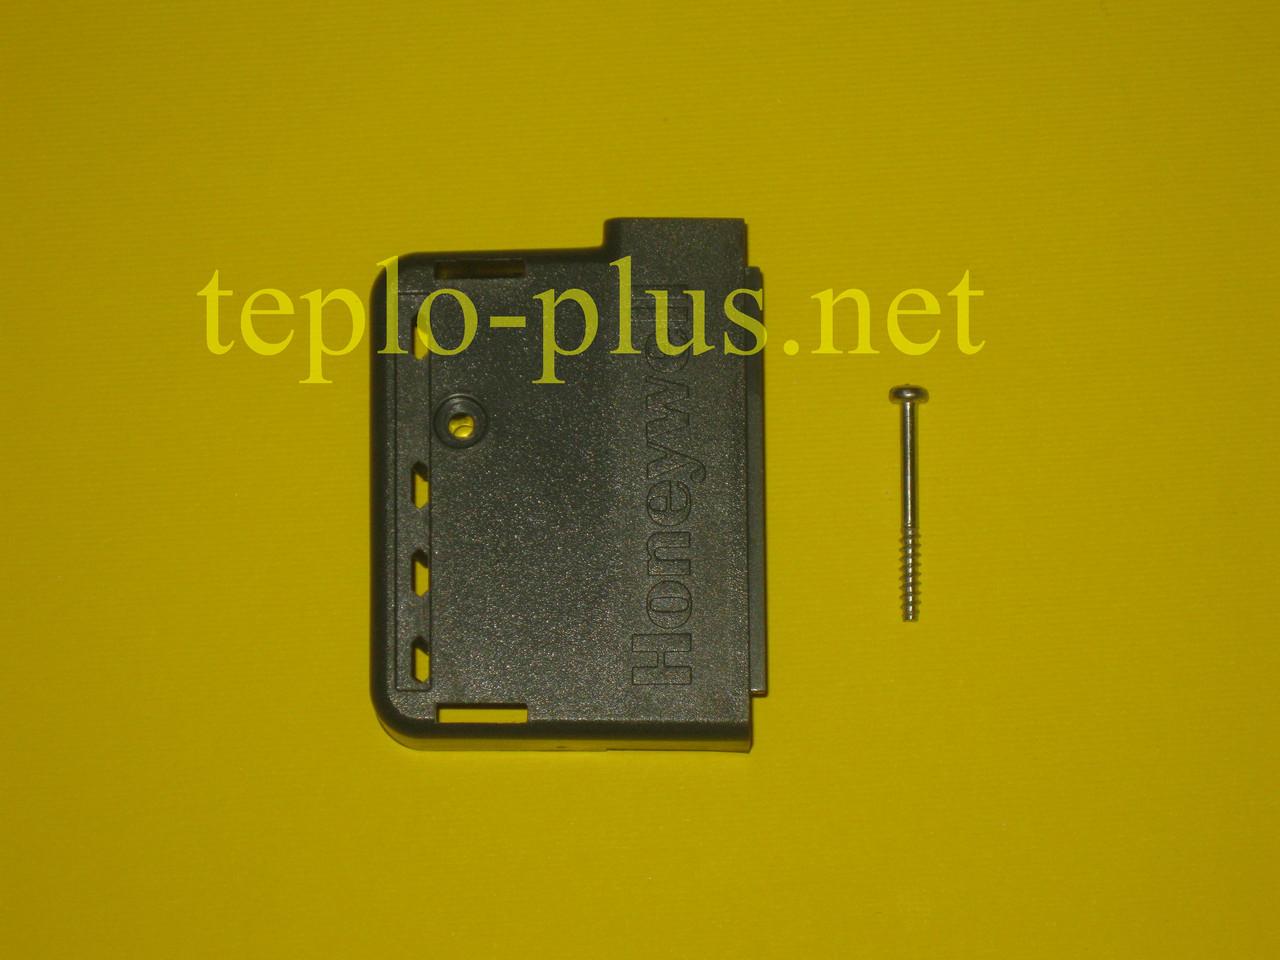 Кріплення (корпус) плати (блоку) розпалювання (запалювання) S4565CD H052001678 Hermann Eura 23 E, 28 E, 23 SE, 28 SE